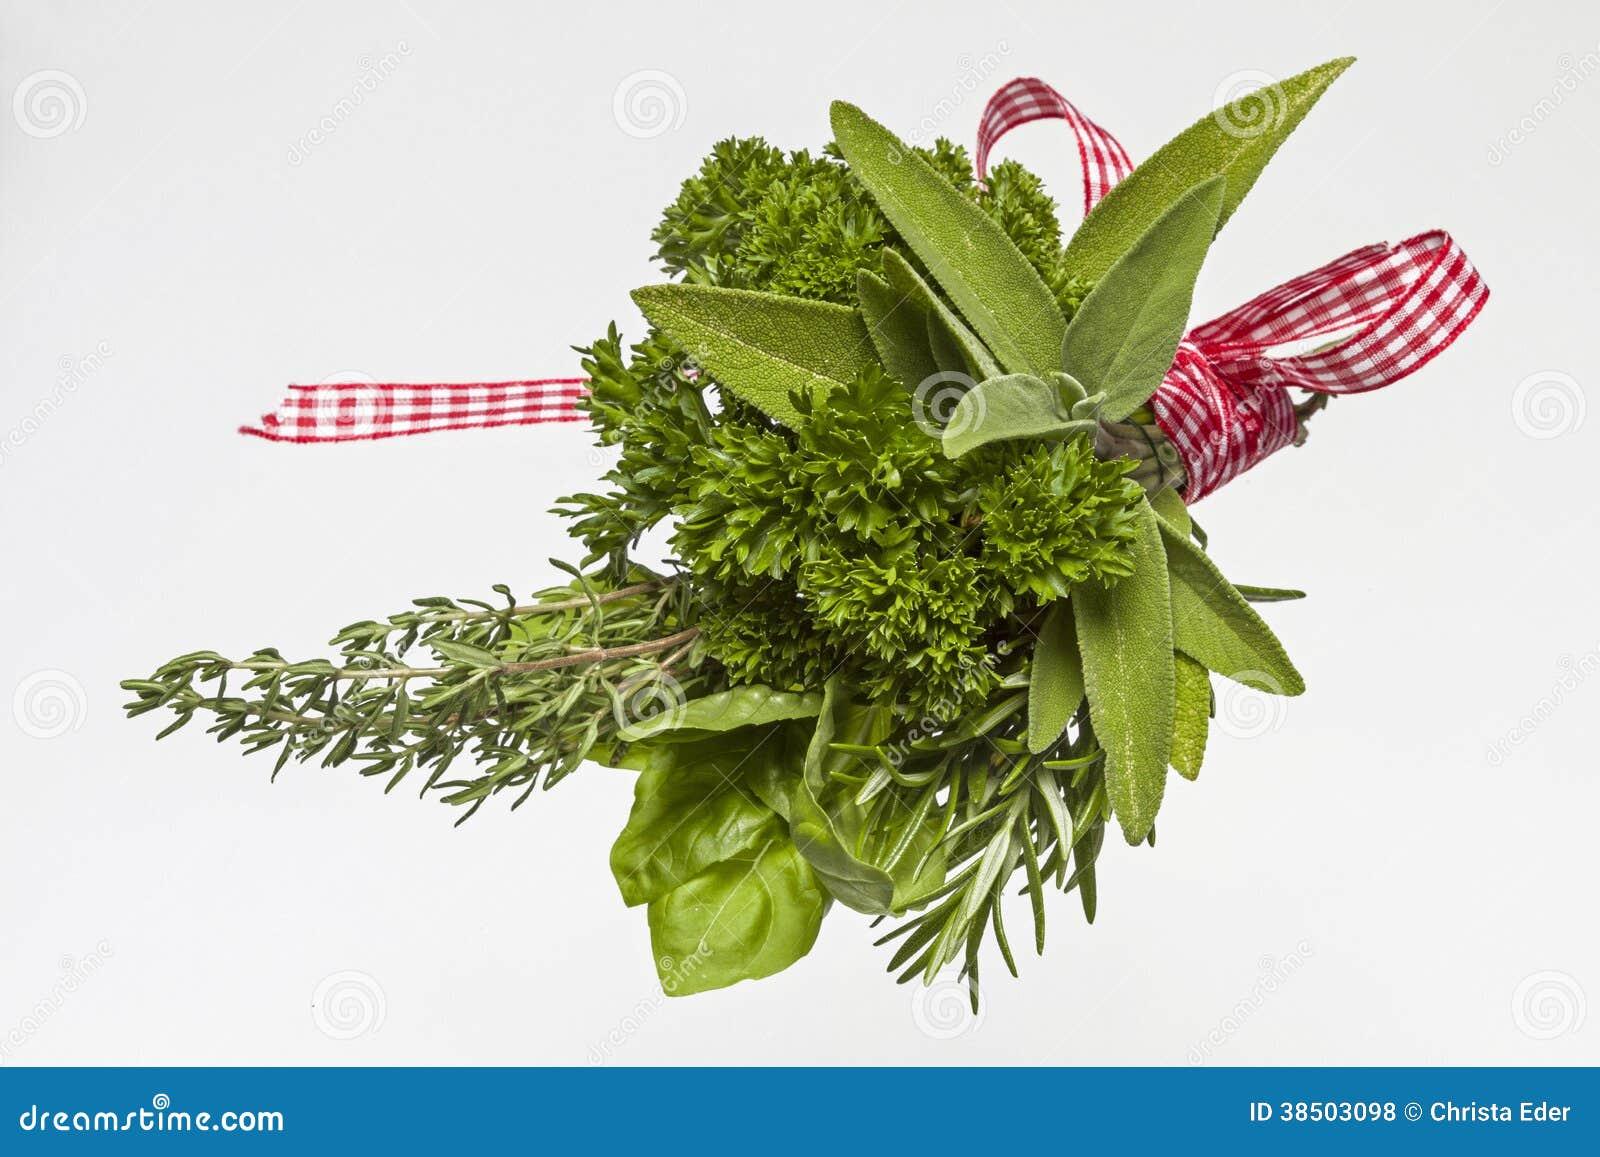 Herbes de cuisine photo stock image du sain aromatique - Herbe aromatique cuisine ...